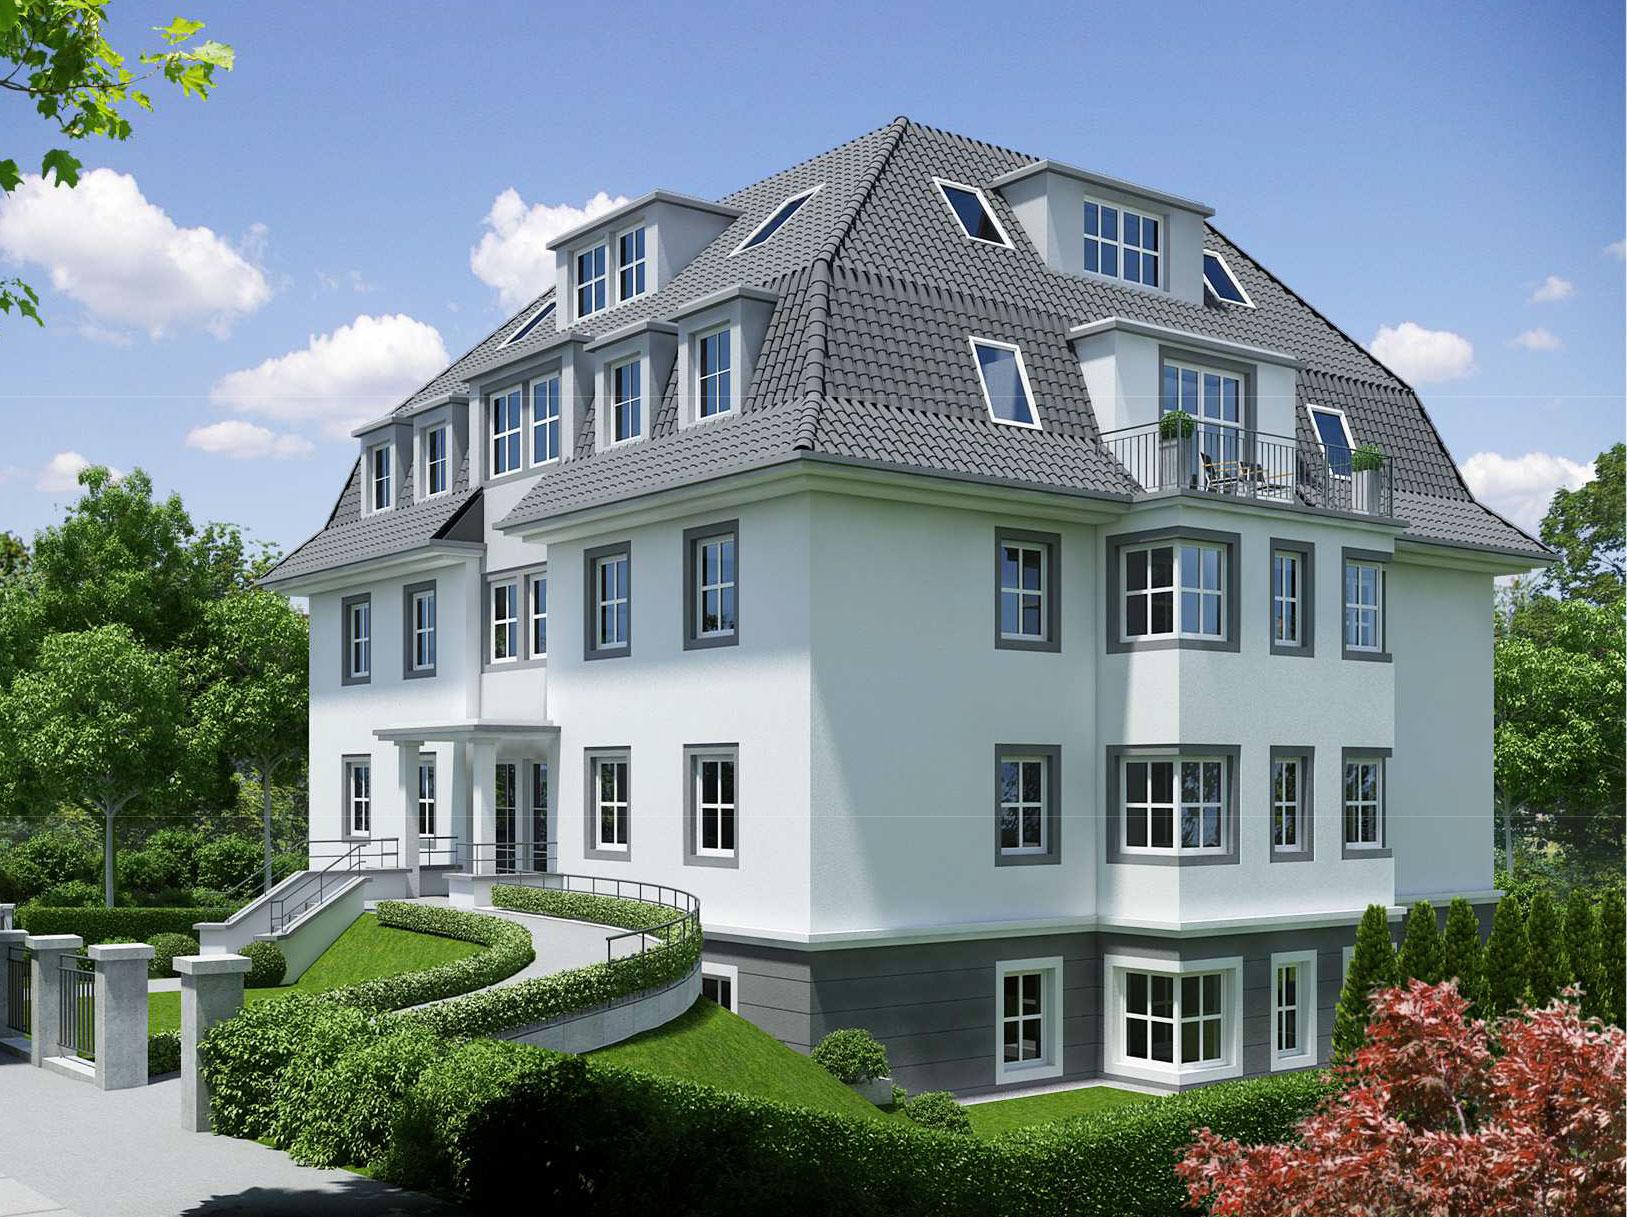 Freiburg Villa ingenieurbüro für haustechnik dipl ing fh e behringer